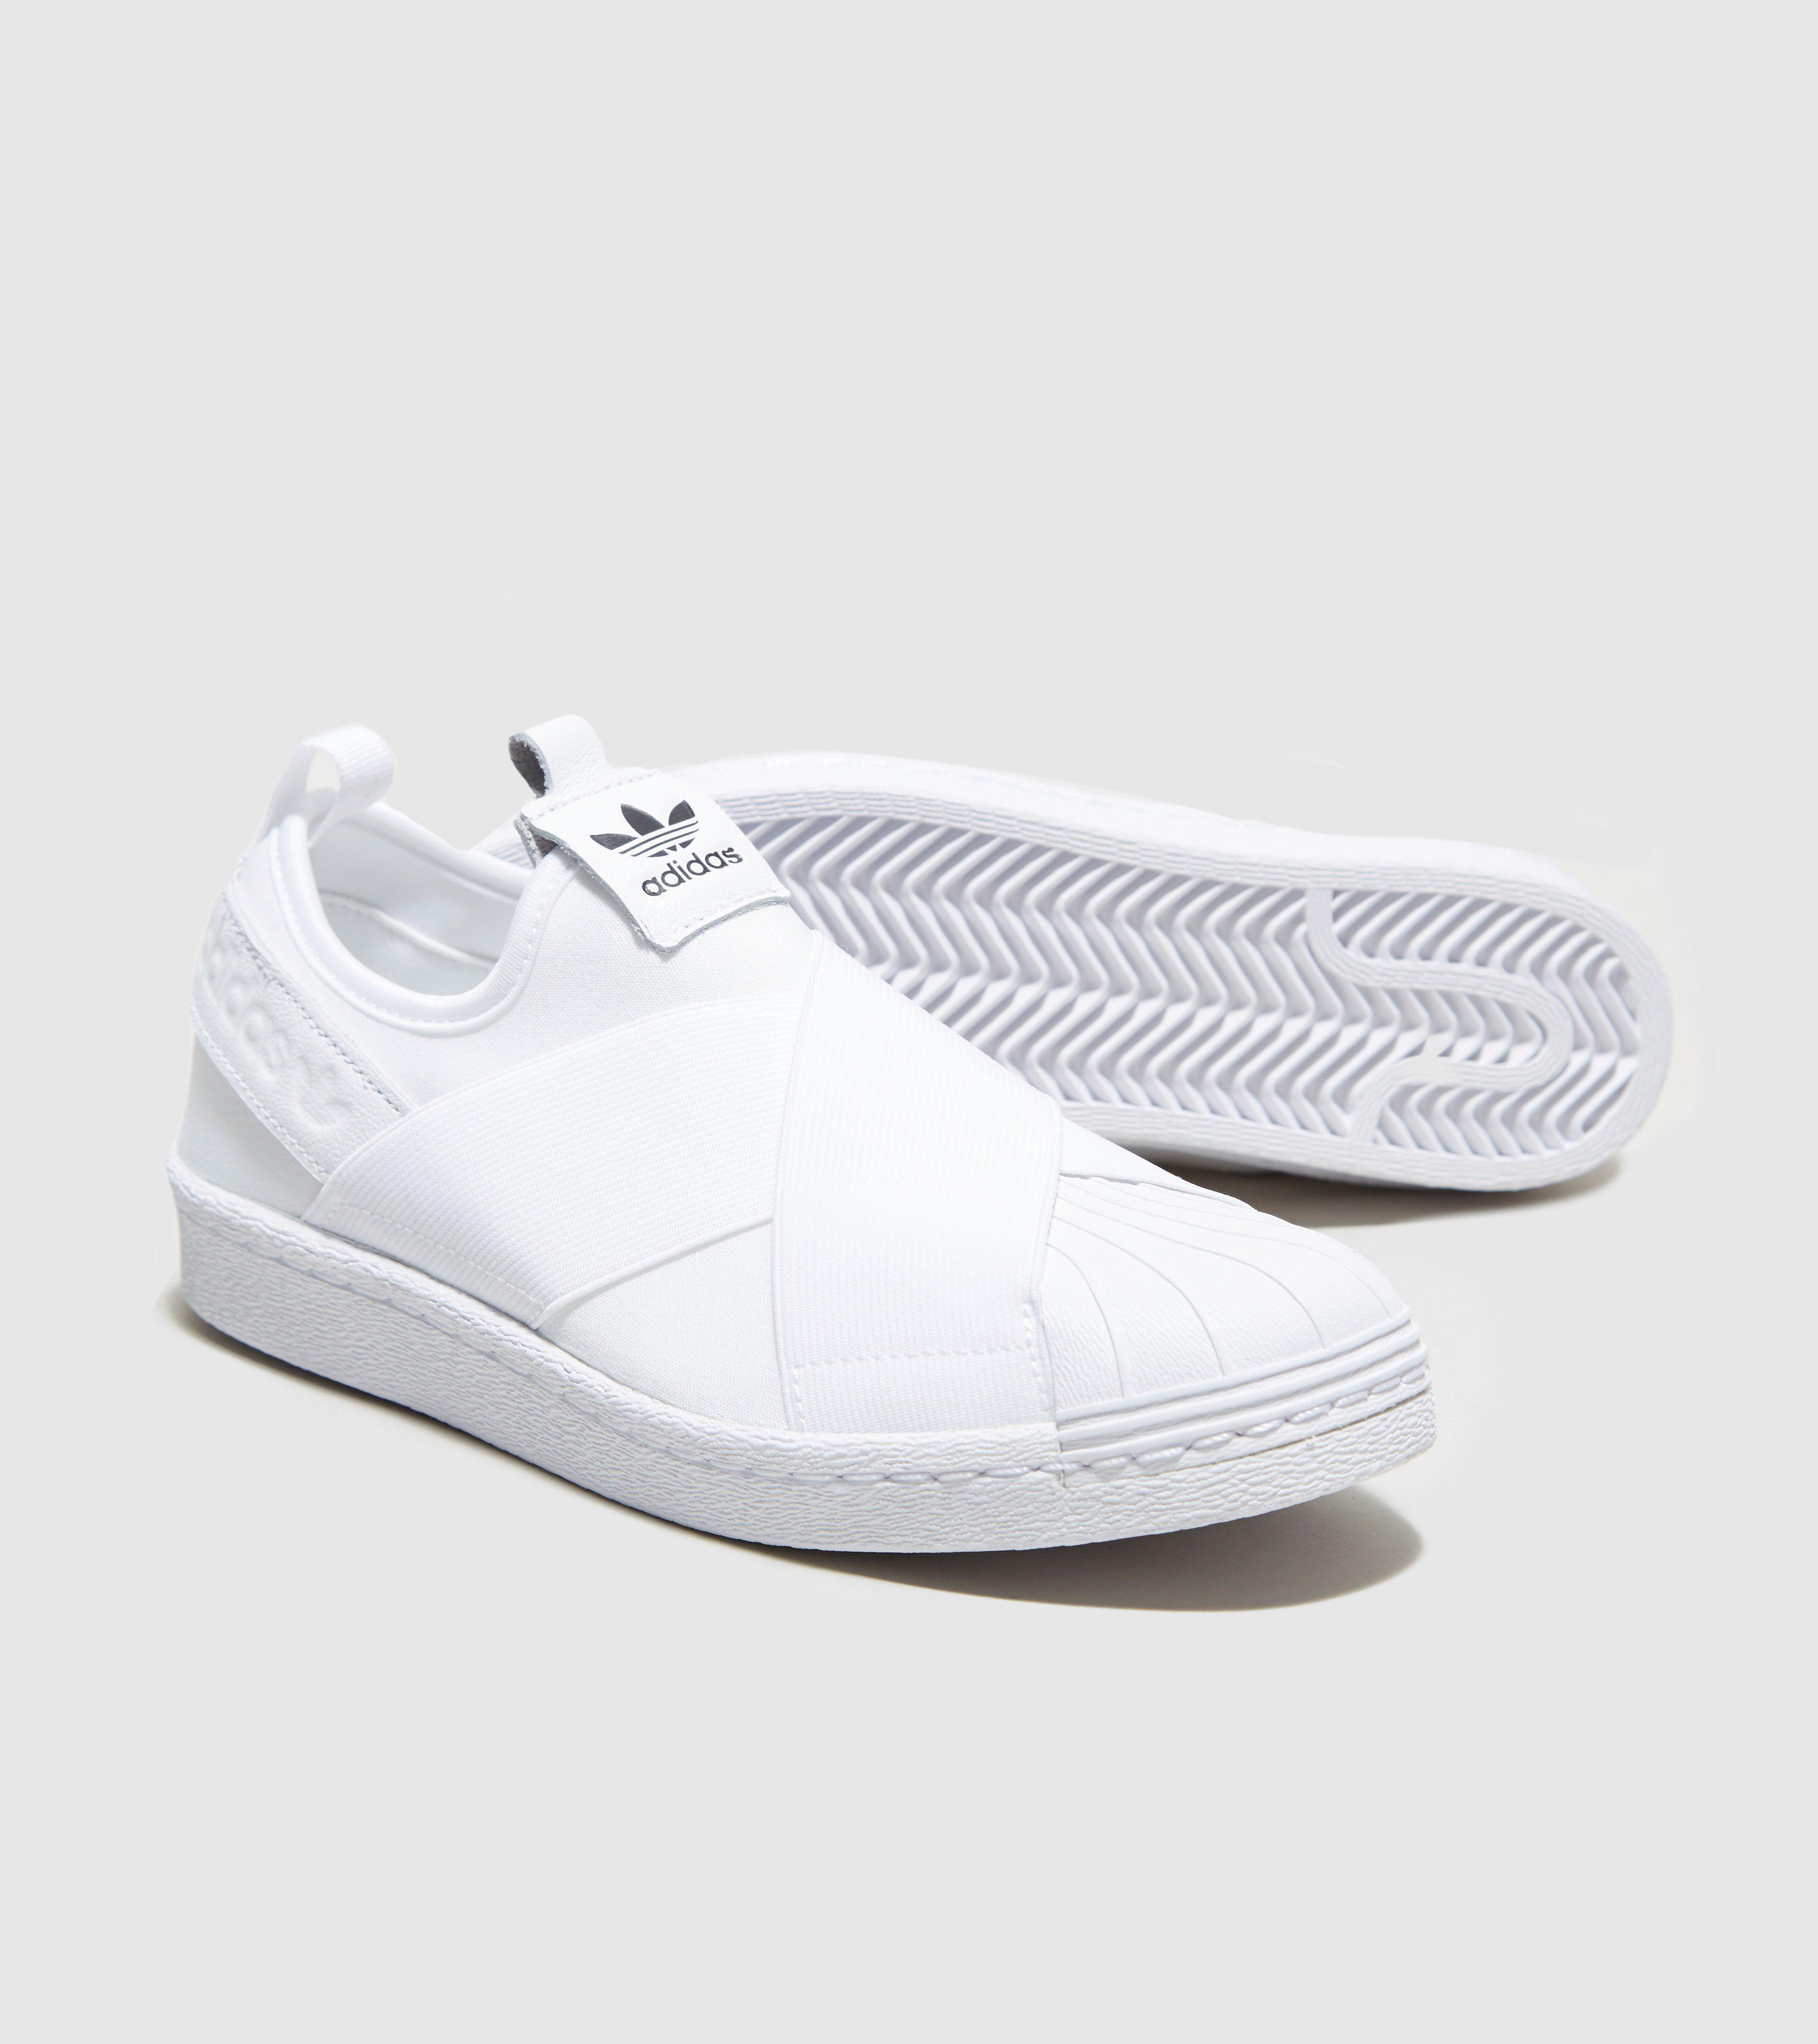 huge discount 699ce 92ef2 adidas Originals Superstar Slip-On Women s